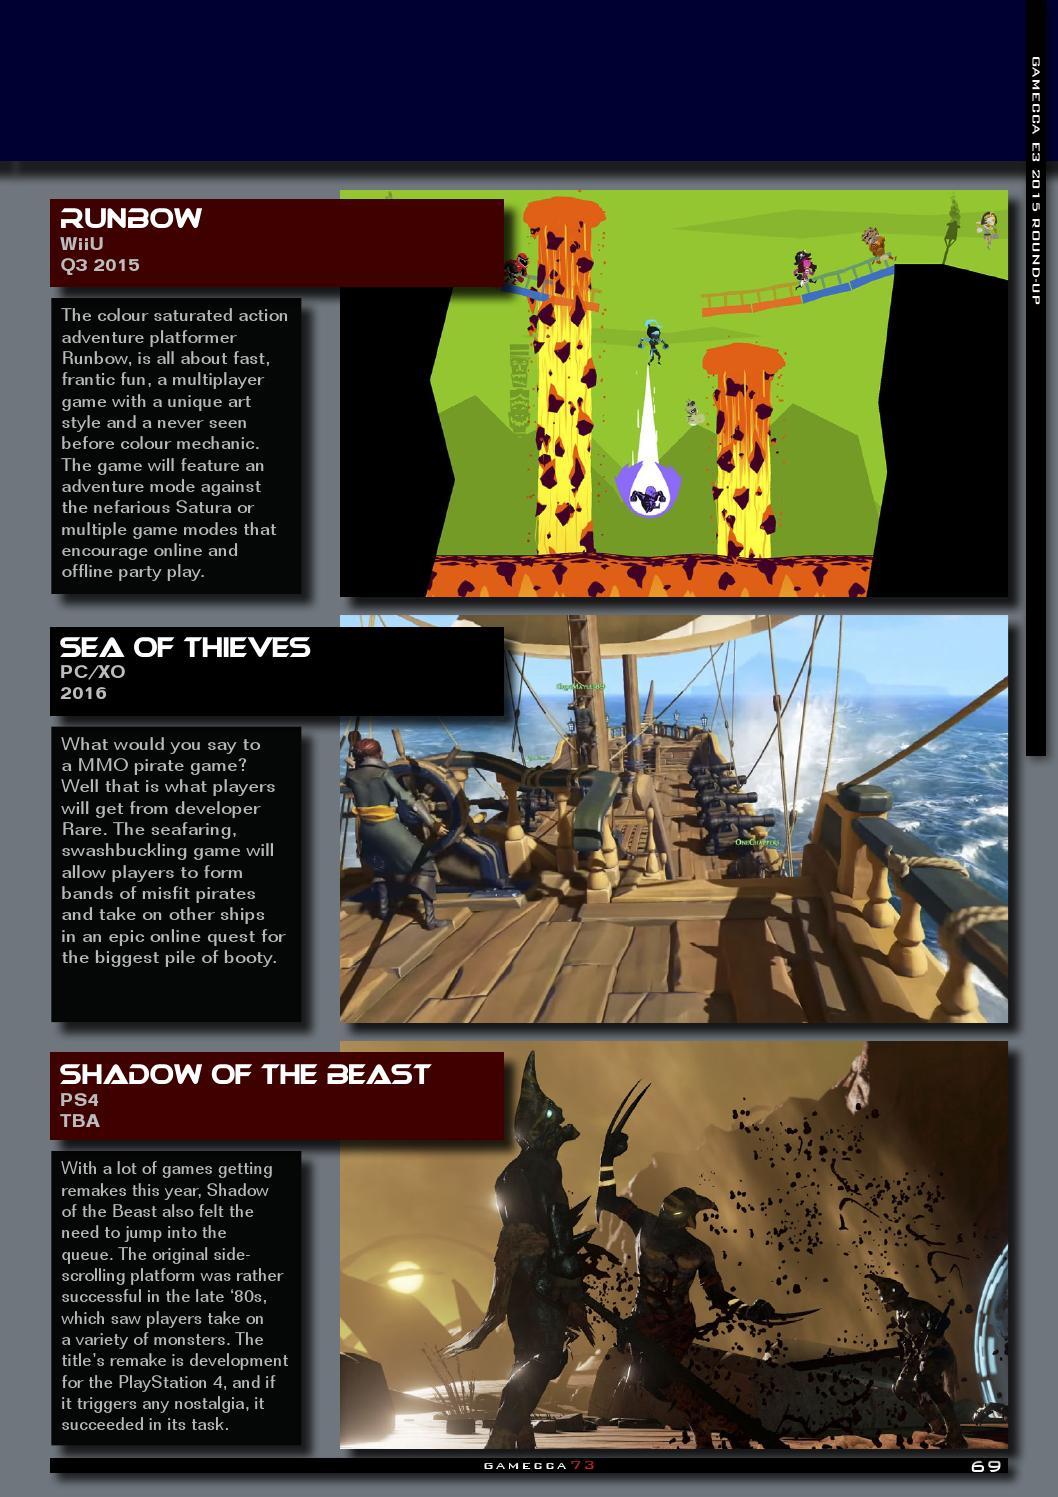 Gamecca Magazine July 2015 by Gamecca Magazine - issuu